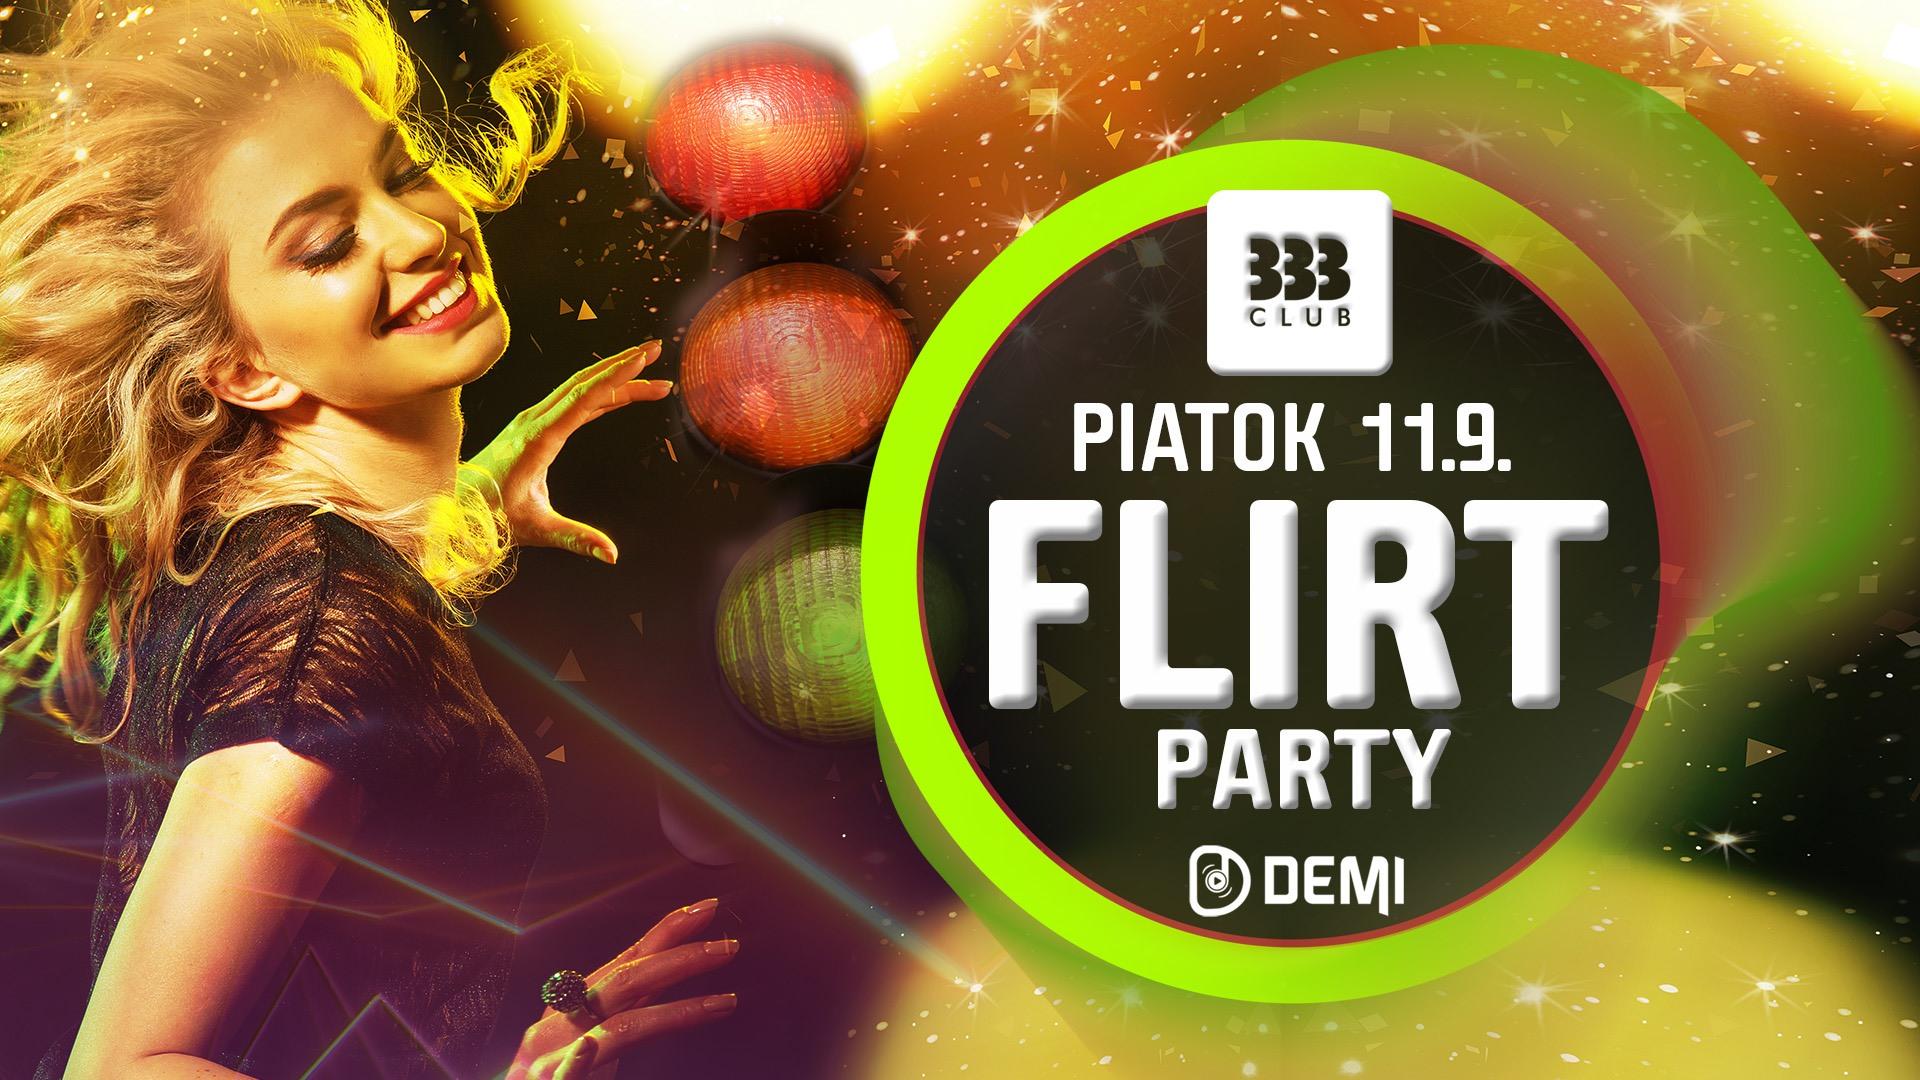 FLIRT Párty ♡ 11.9. Club 333